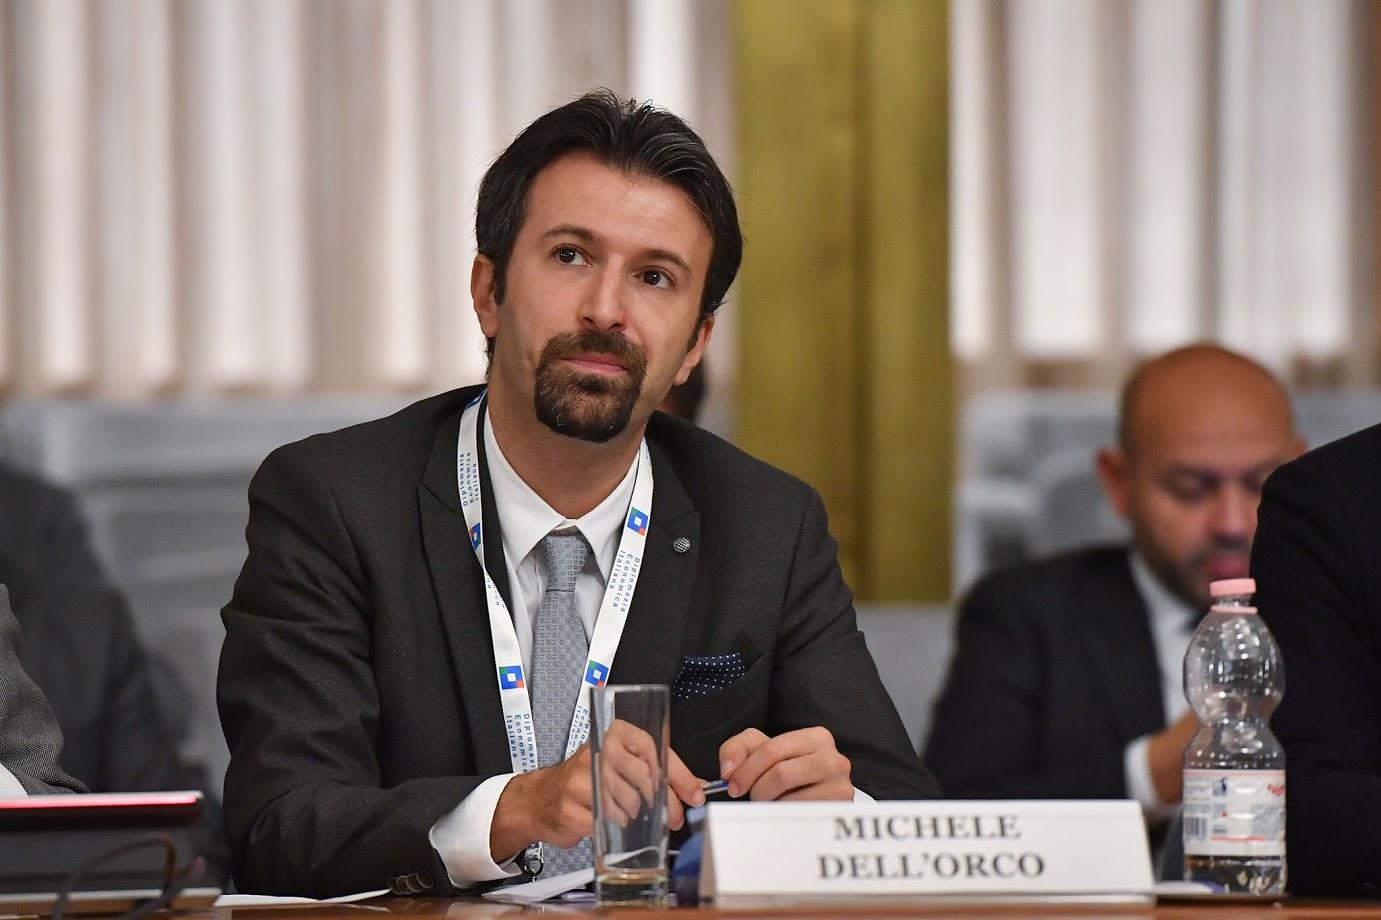 Michele Dell'Orco - Foto da pagina Facebook Michele Dell'Orco